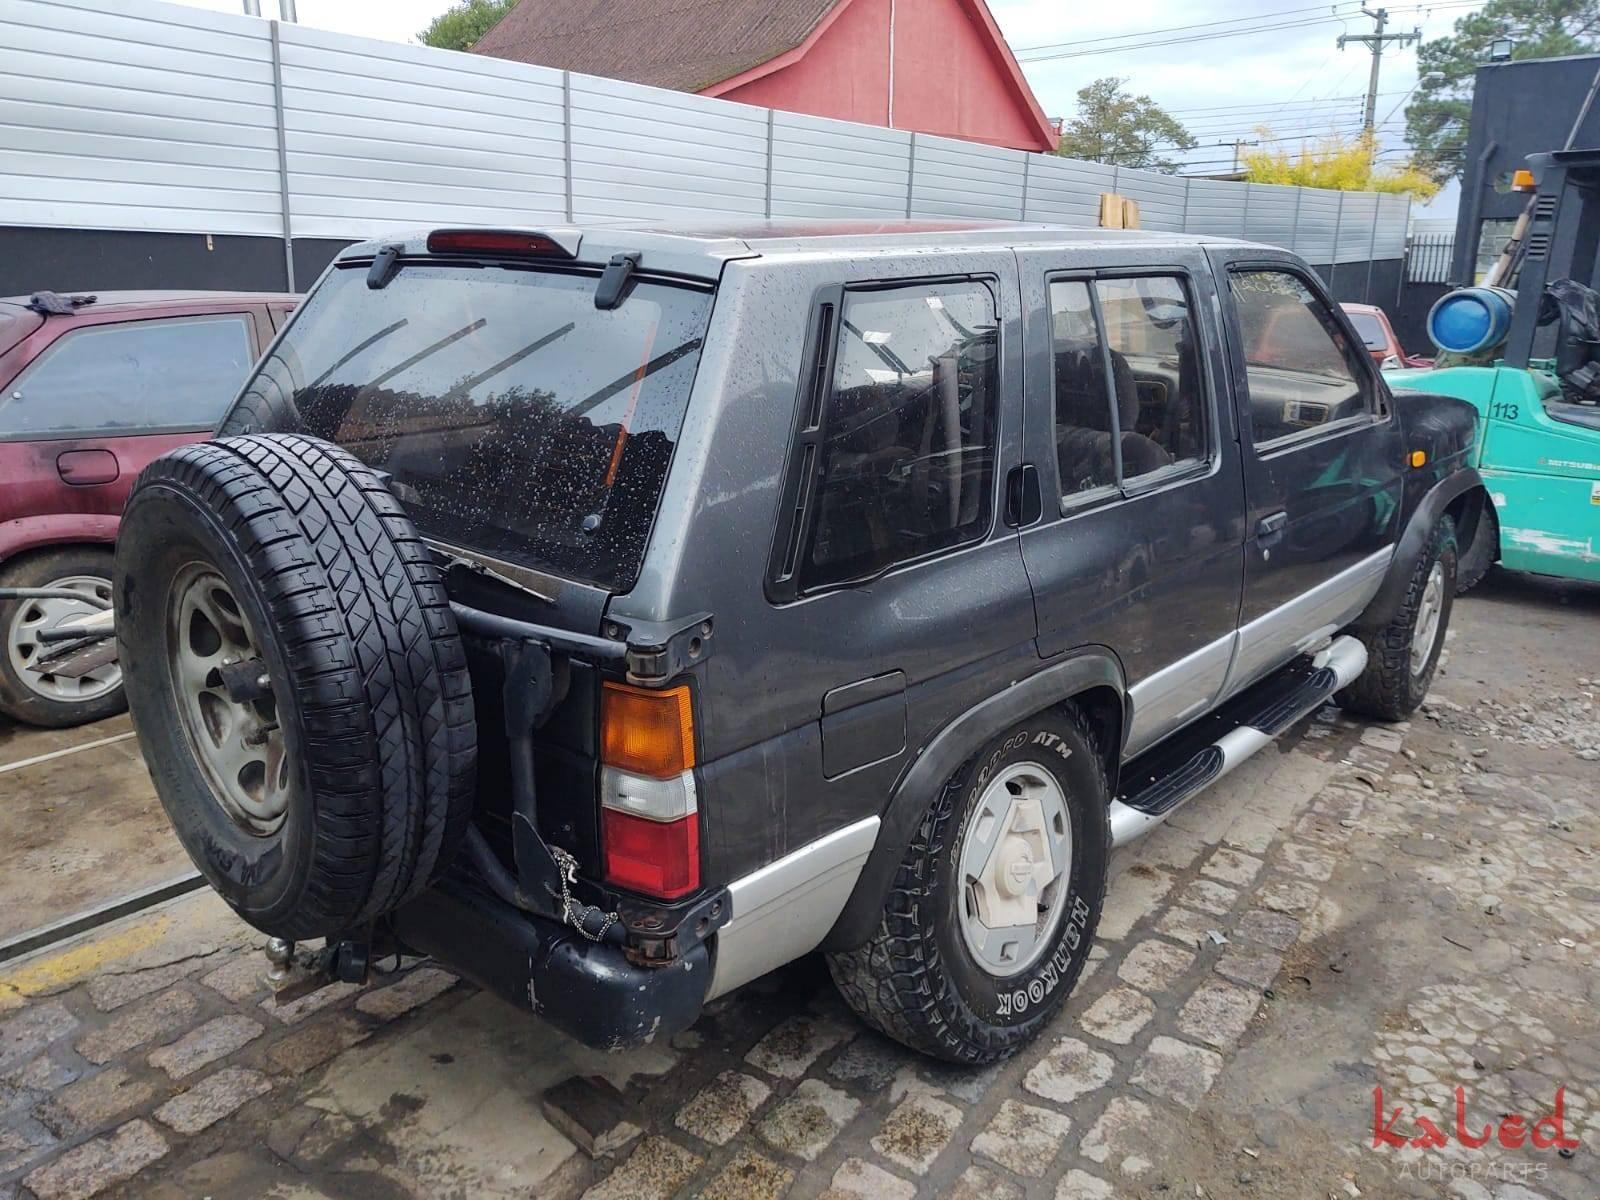 Sucata Nissan Pathfinder Diesel TD27 4x4 1993 - Kaled Auto Parts